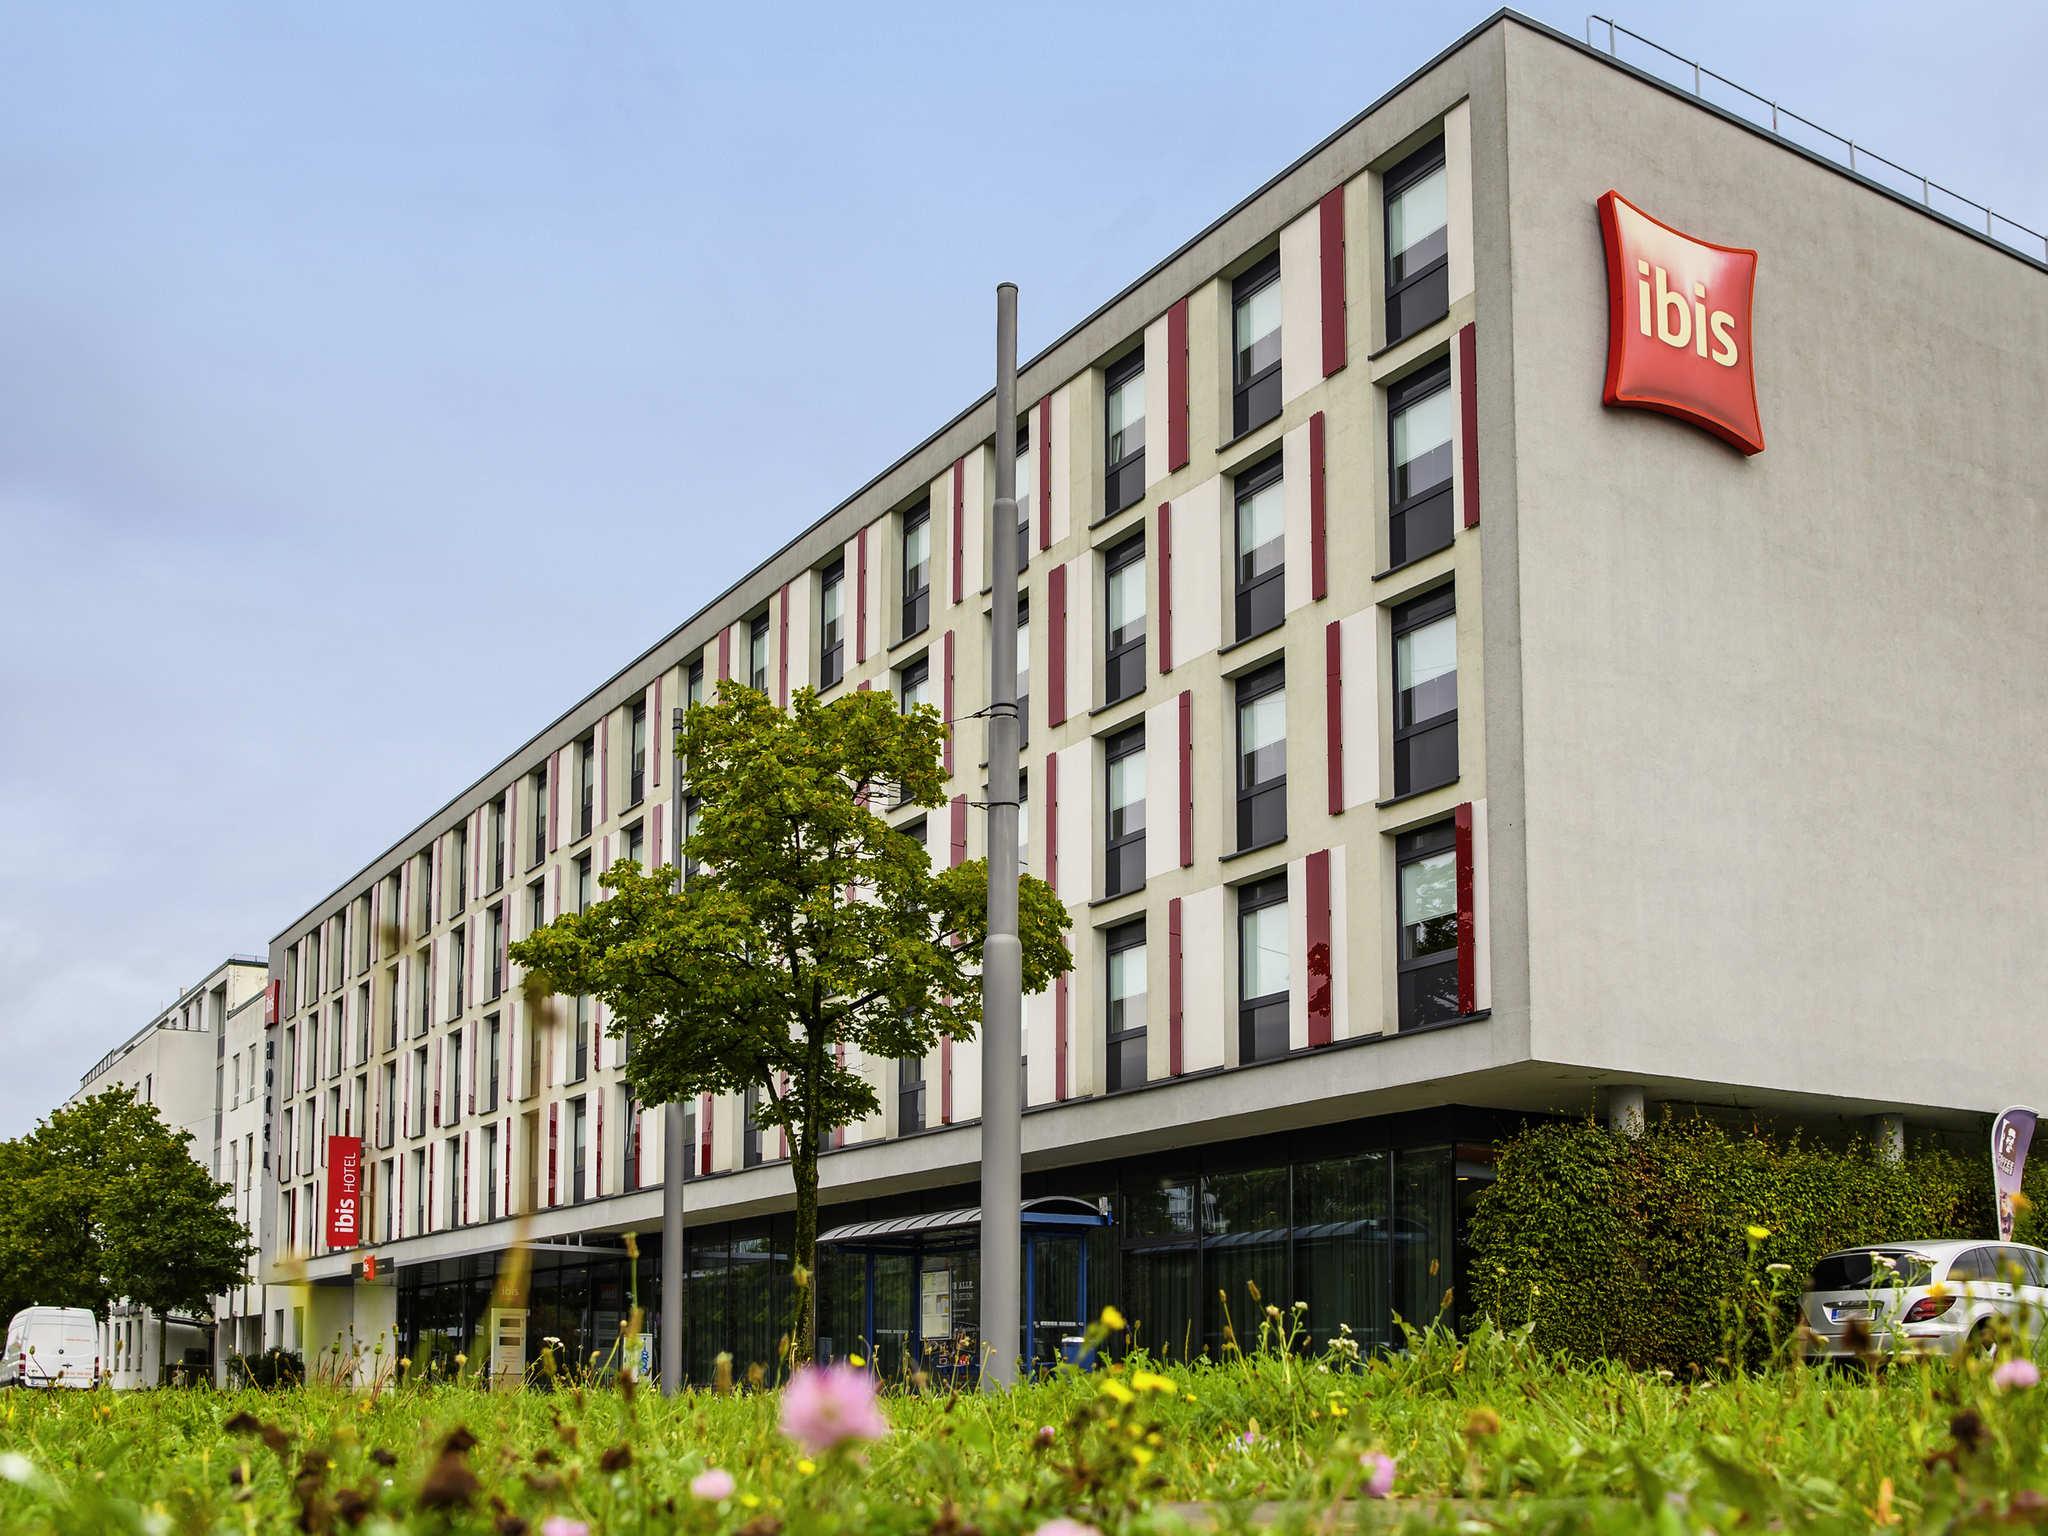 โรงแรม – ไอบิส มุนเช่น ซิตี้ เวสต์